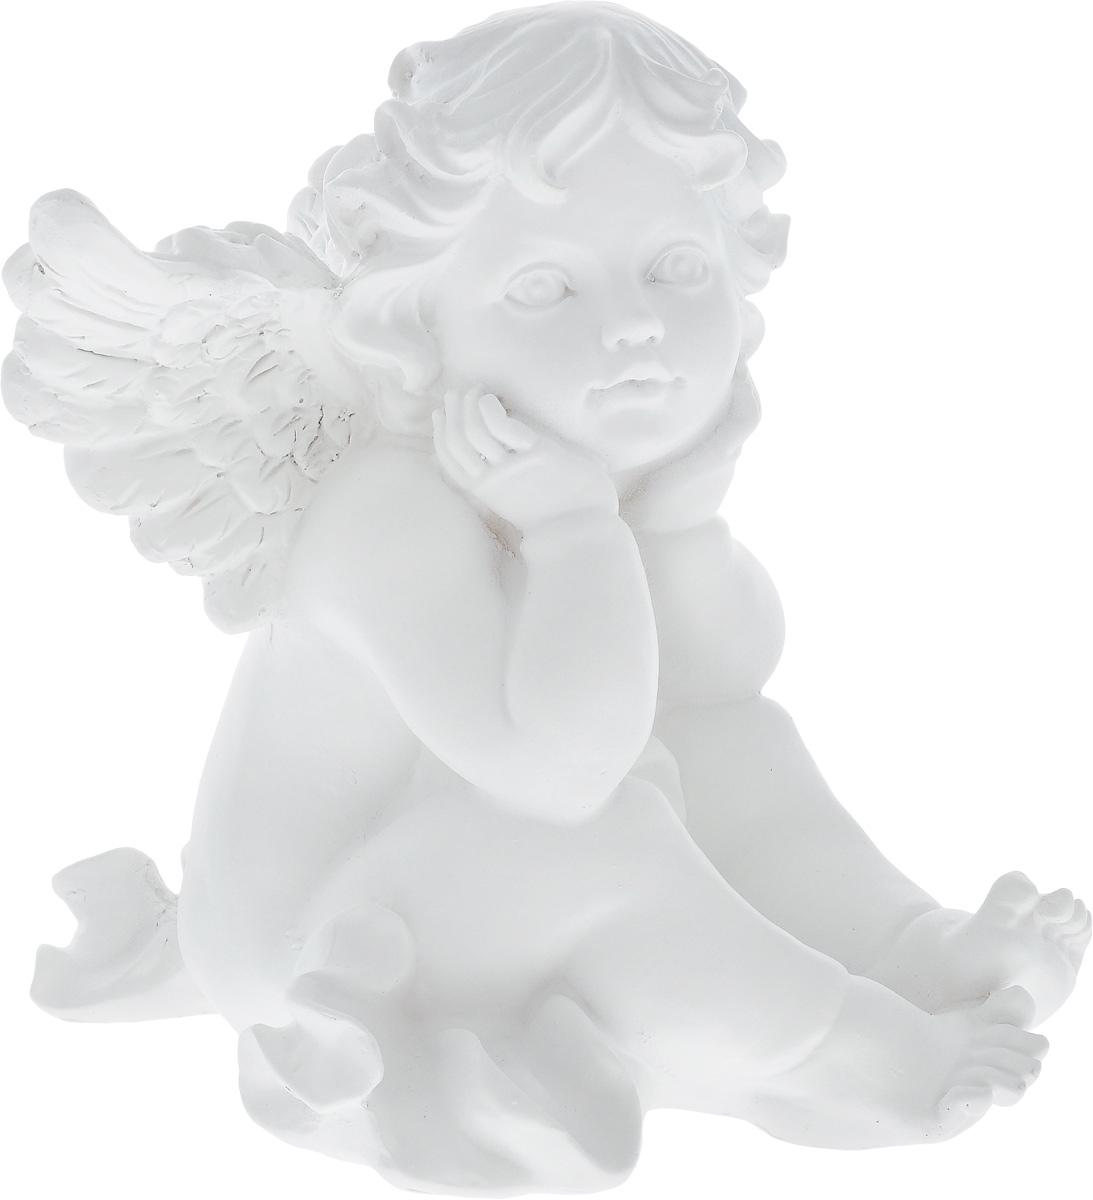 Фигурка декоративная Феникс-Презент Грезы ангела, высота 19,5 смTHN132NФигурка декоративная Феникс-Презент Грезы ангела, выполненная из полирезина, станет оригинальным подарком для всех любителей необычных вещей. Изделие имеет приятный дизайн. Изысканный сувенир станет прекрасным дополнением к интерьеру. Вы можете поставить фигурку в любом месте, где она будет удачно смотреться и радовать глаз.